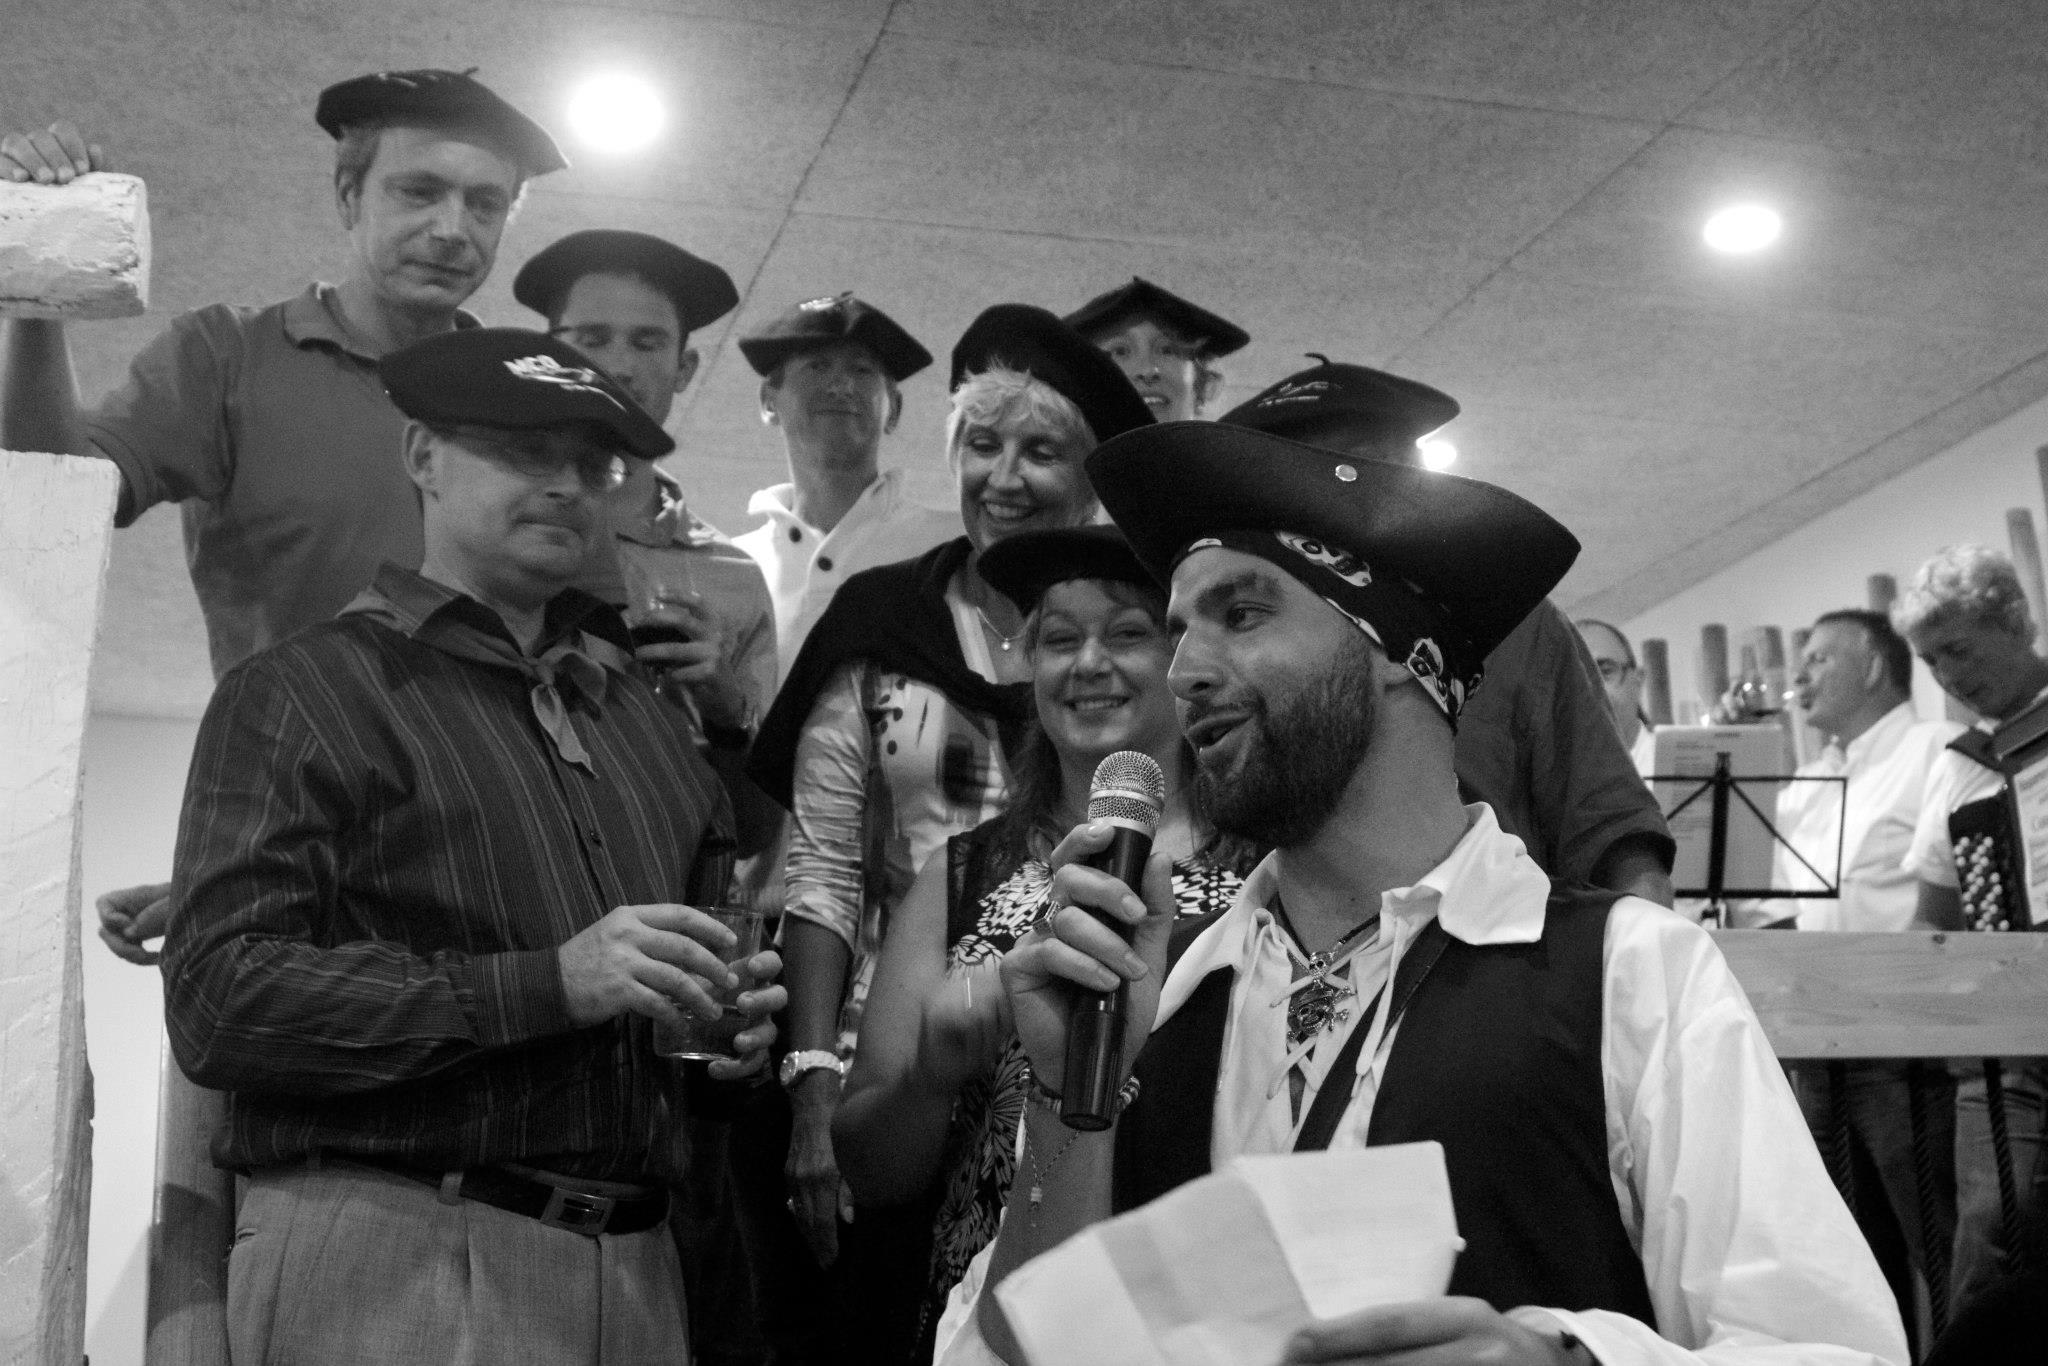 seminaire-pays-basque-pirate-corsaire-le-cercle-evenements